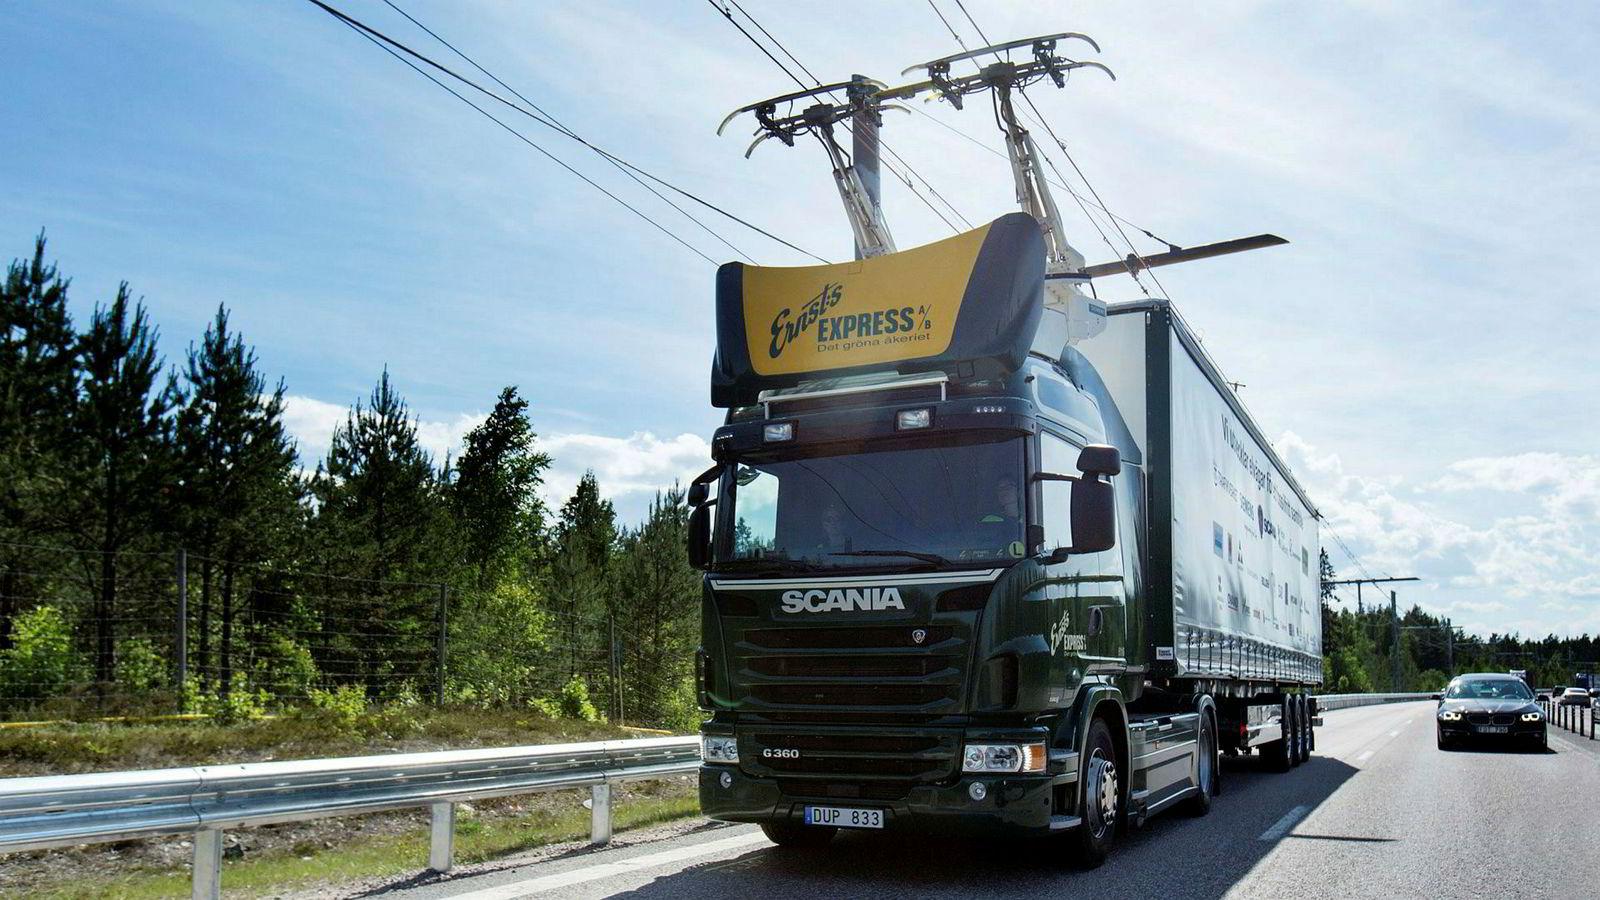 Her lades lastebilen mens den kjører – snart kan det bli virkelighet på norske veier